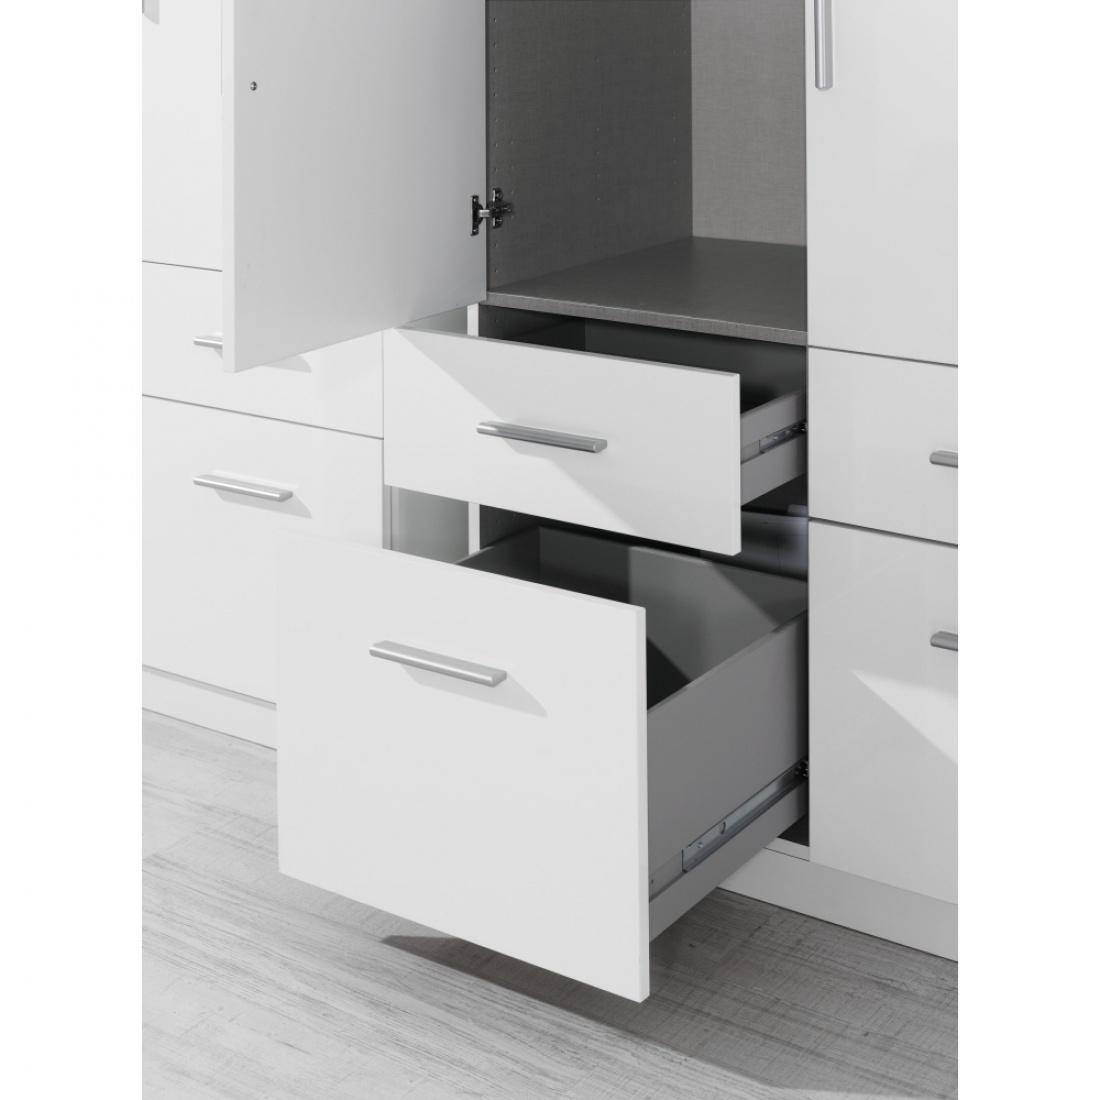 drehtür-kombischrank celle weiß / alpinweiß 181 x 197 x 54